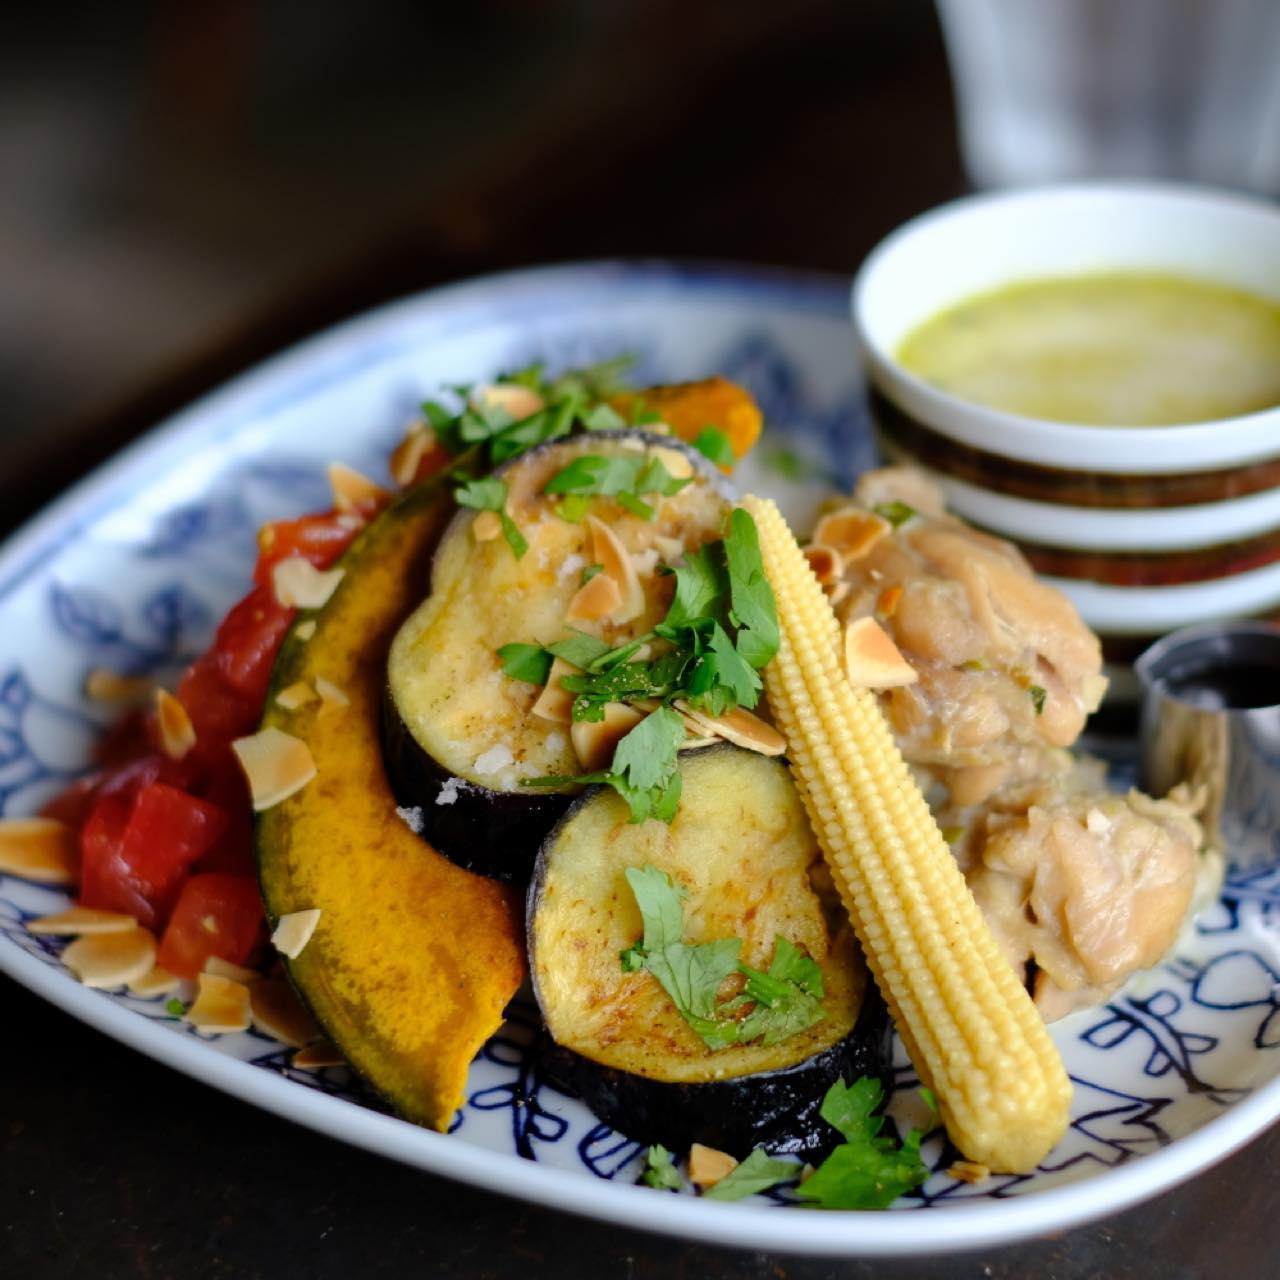 画像: ビタミンカラーの野菜から元気をもらえる。午後もがんばれそう。